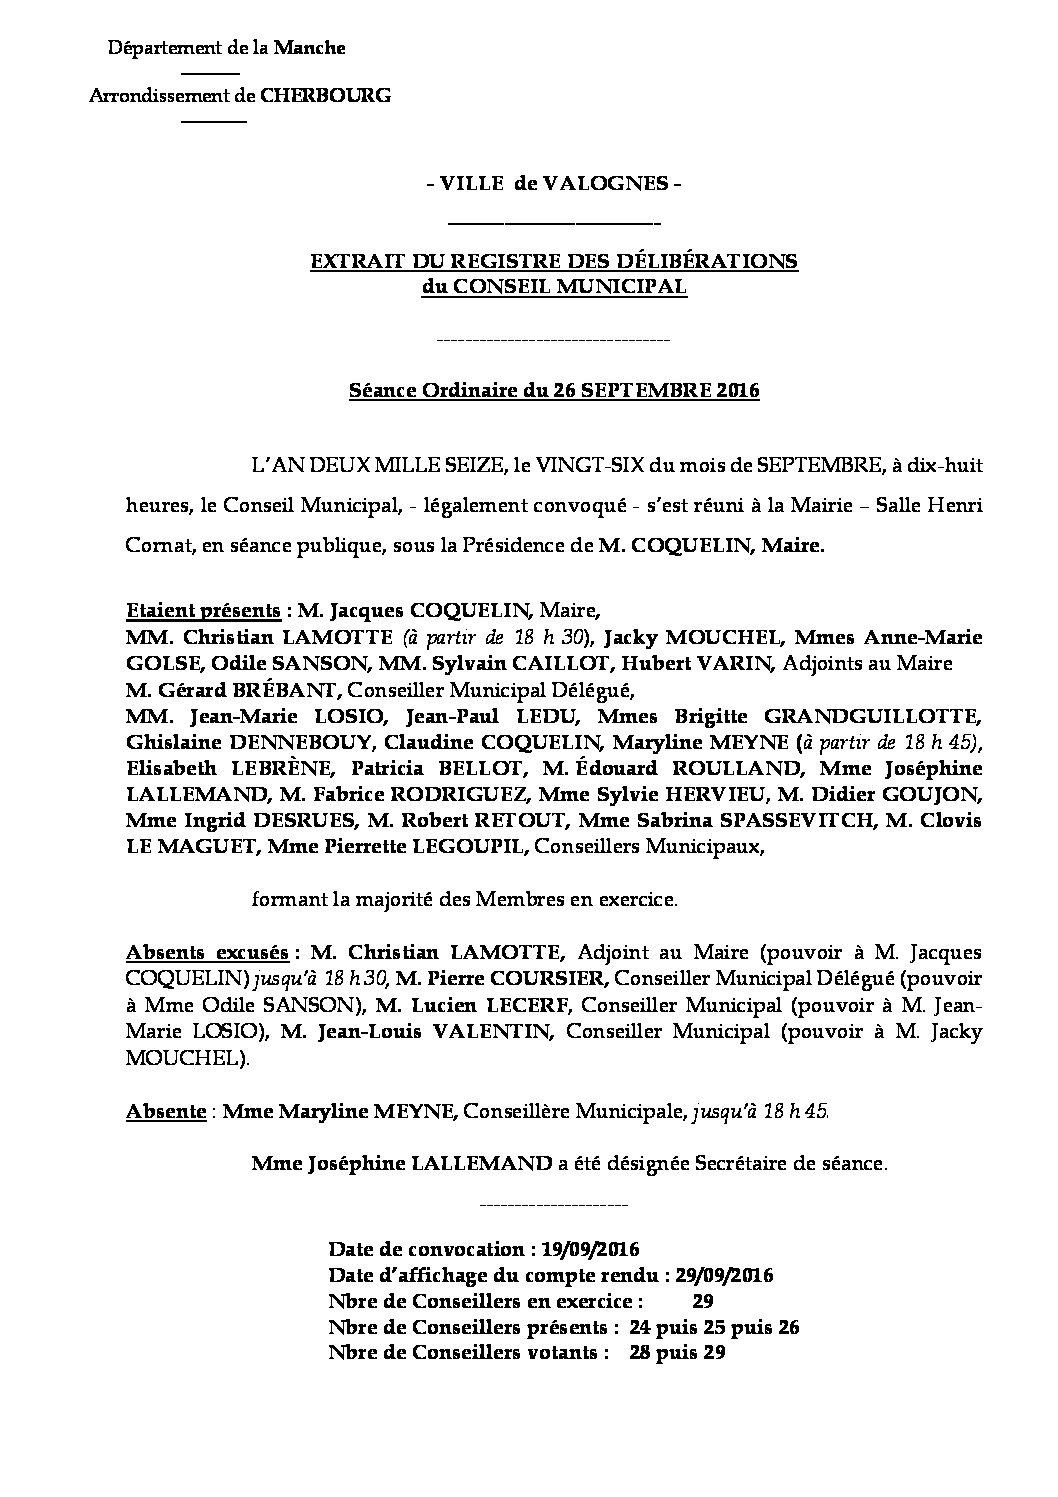 Extrait du registre des délibérations du 26-09-2016 - Compte rendu des questions soumises à délibérations lors de la séance du Conseil Municipal du 26 septembre 2016.